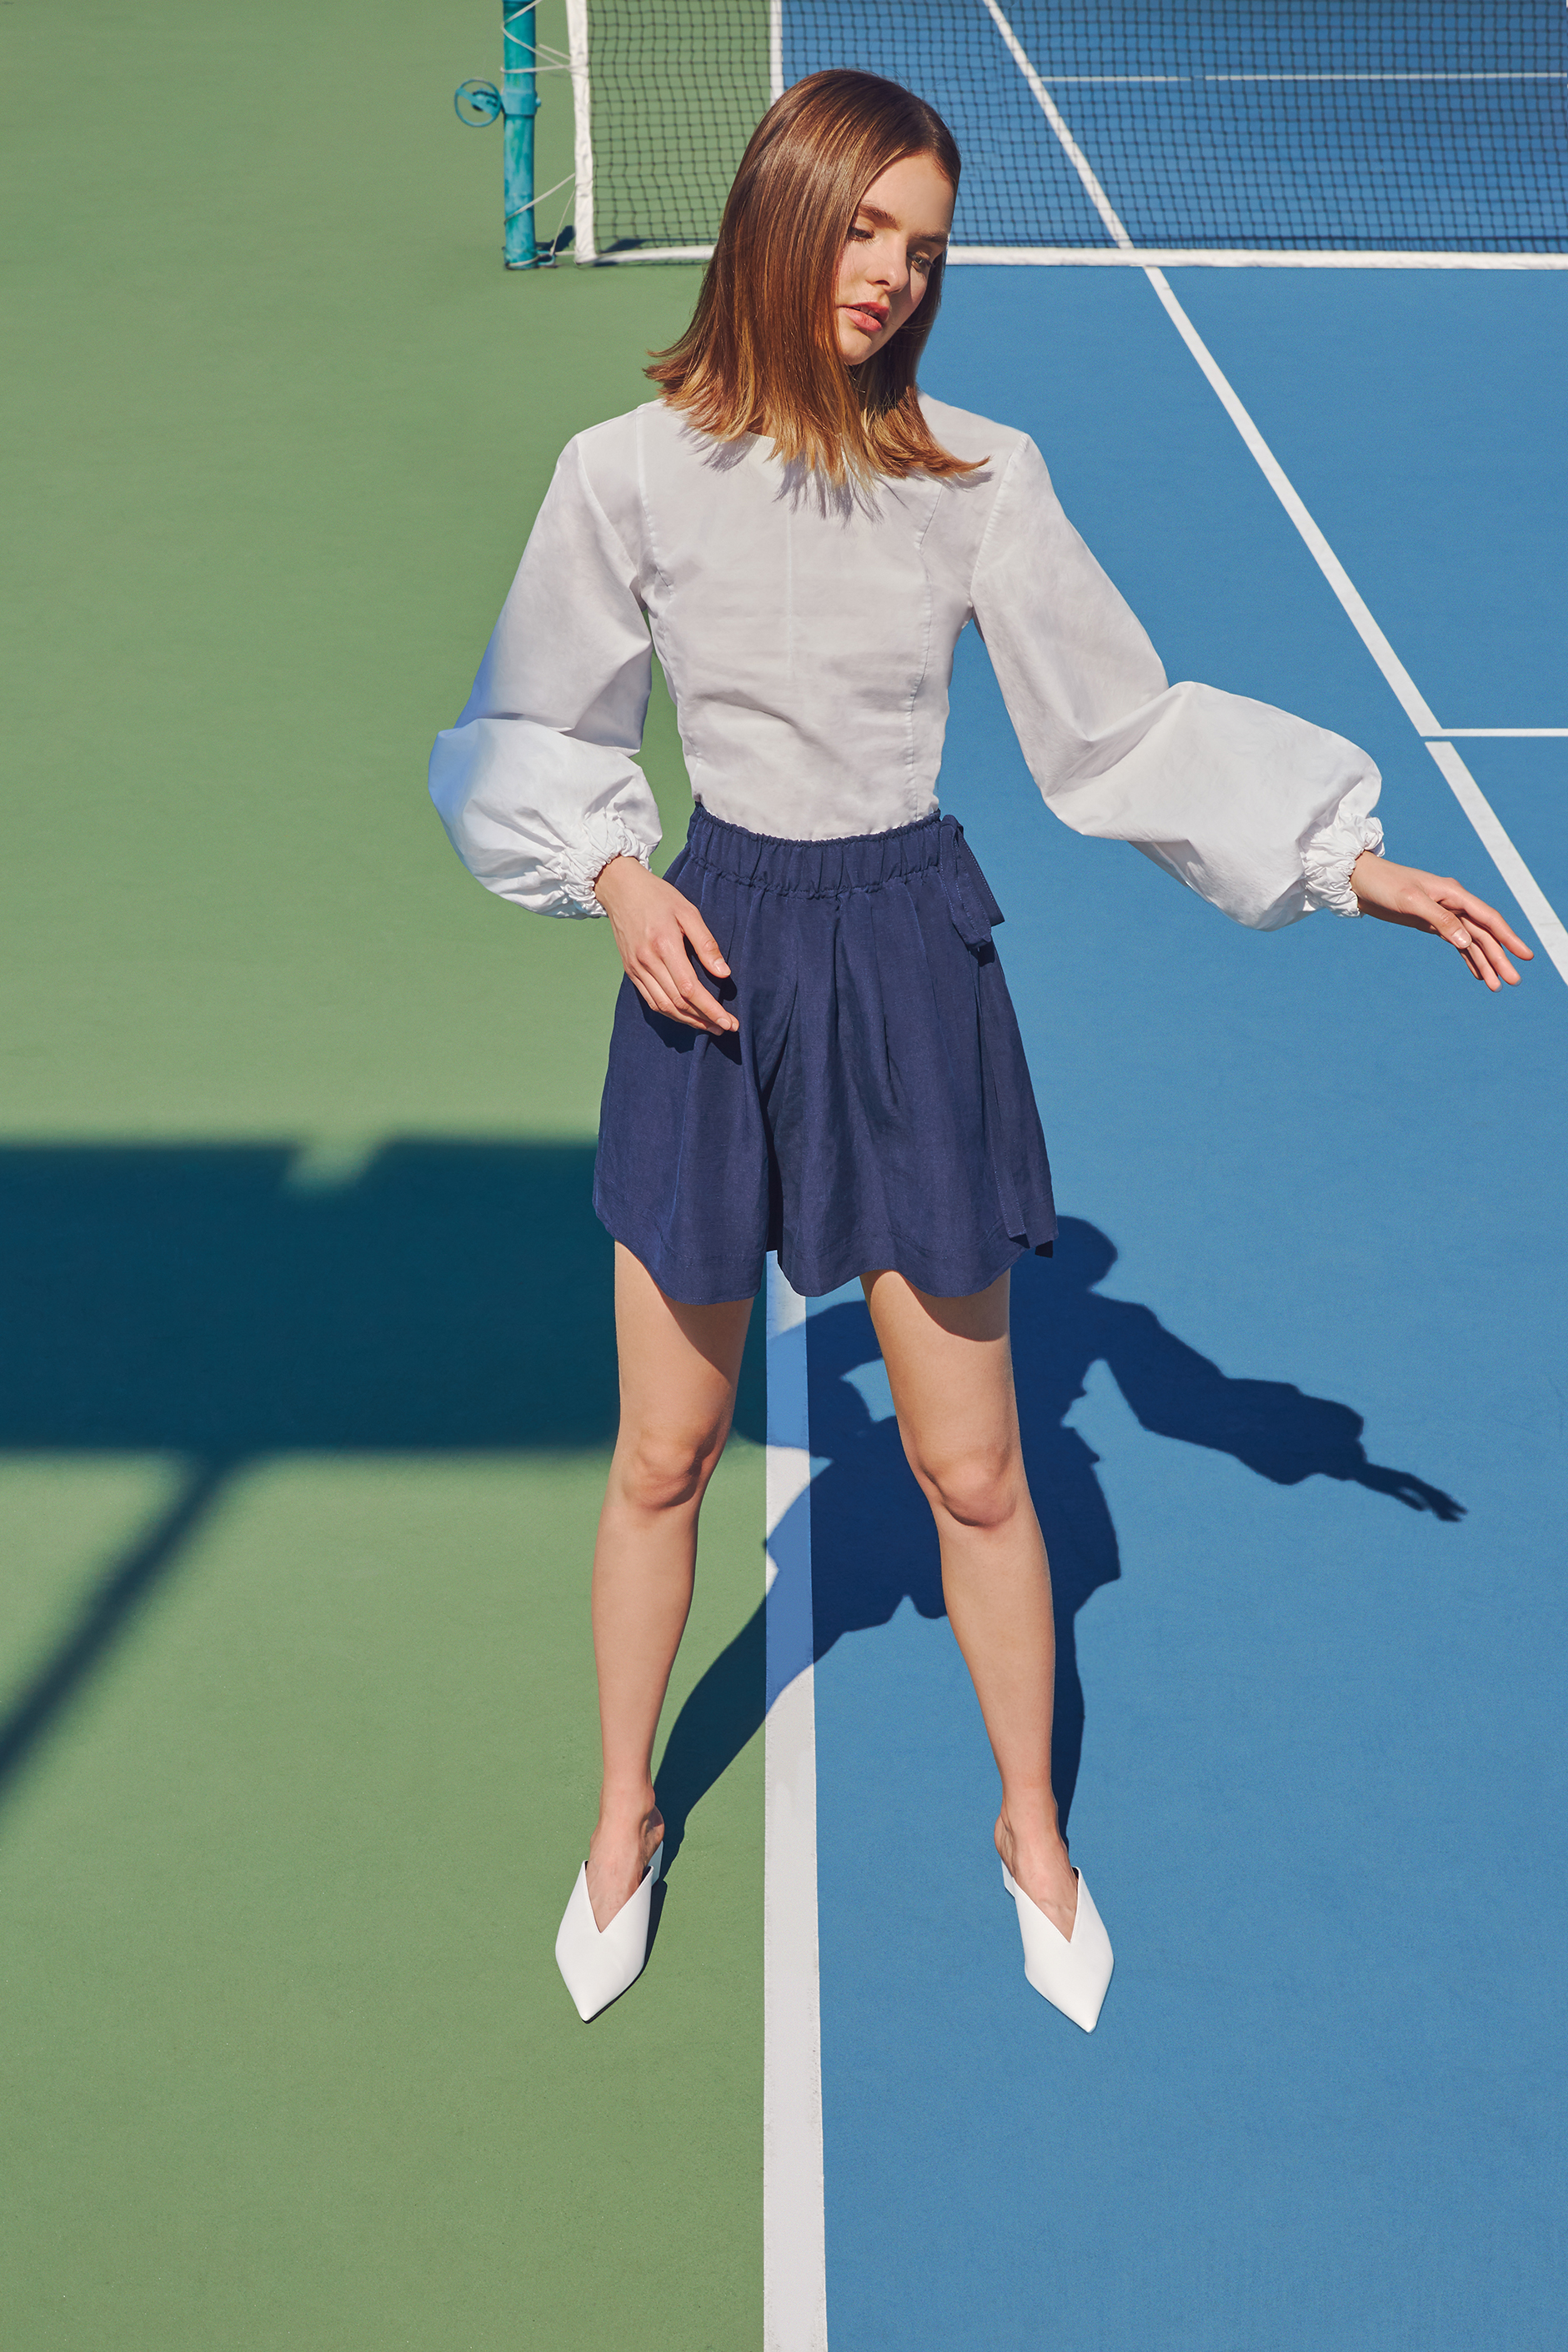 18_TennisCourtShoot_0168.jpg